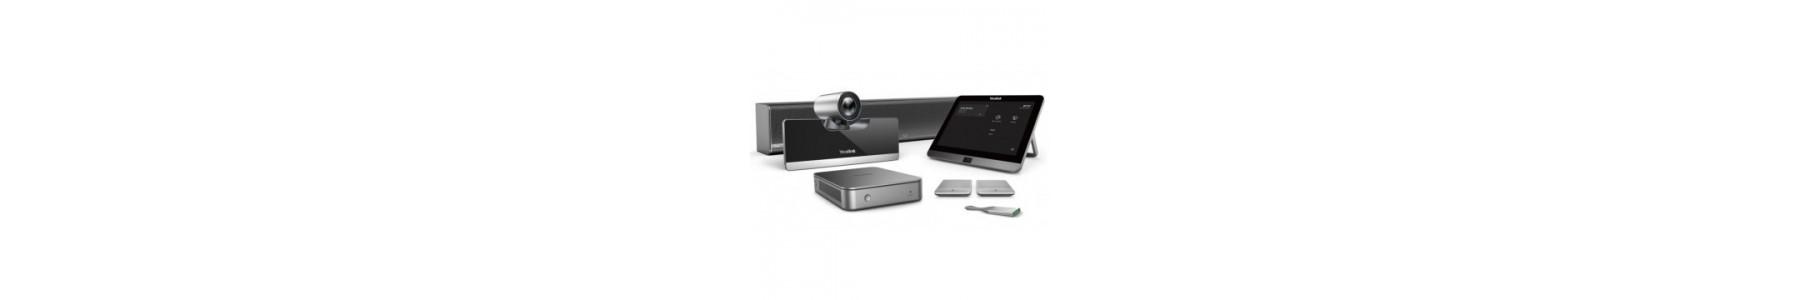 Audio e Videoconferenza Yealink